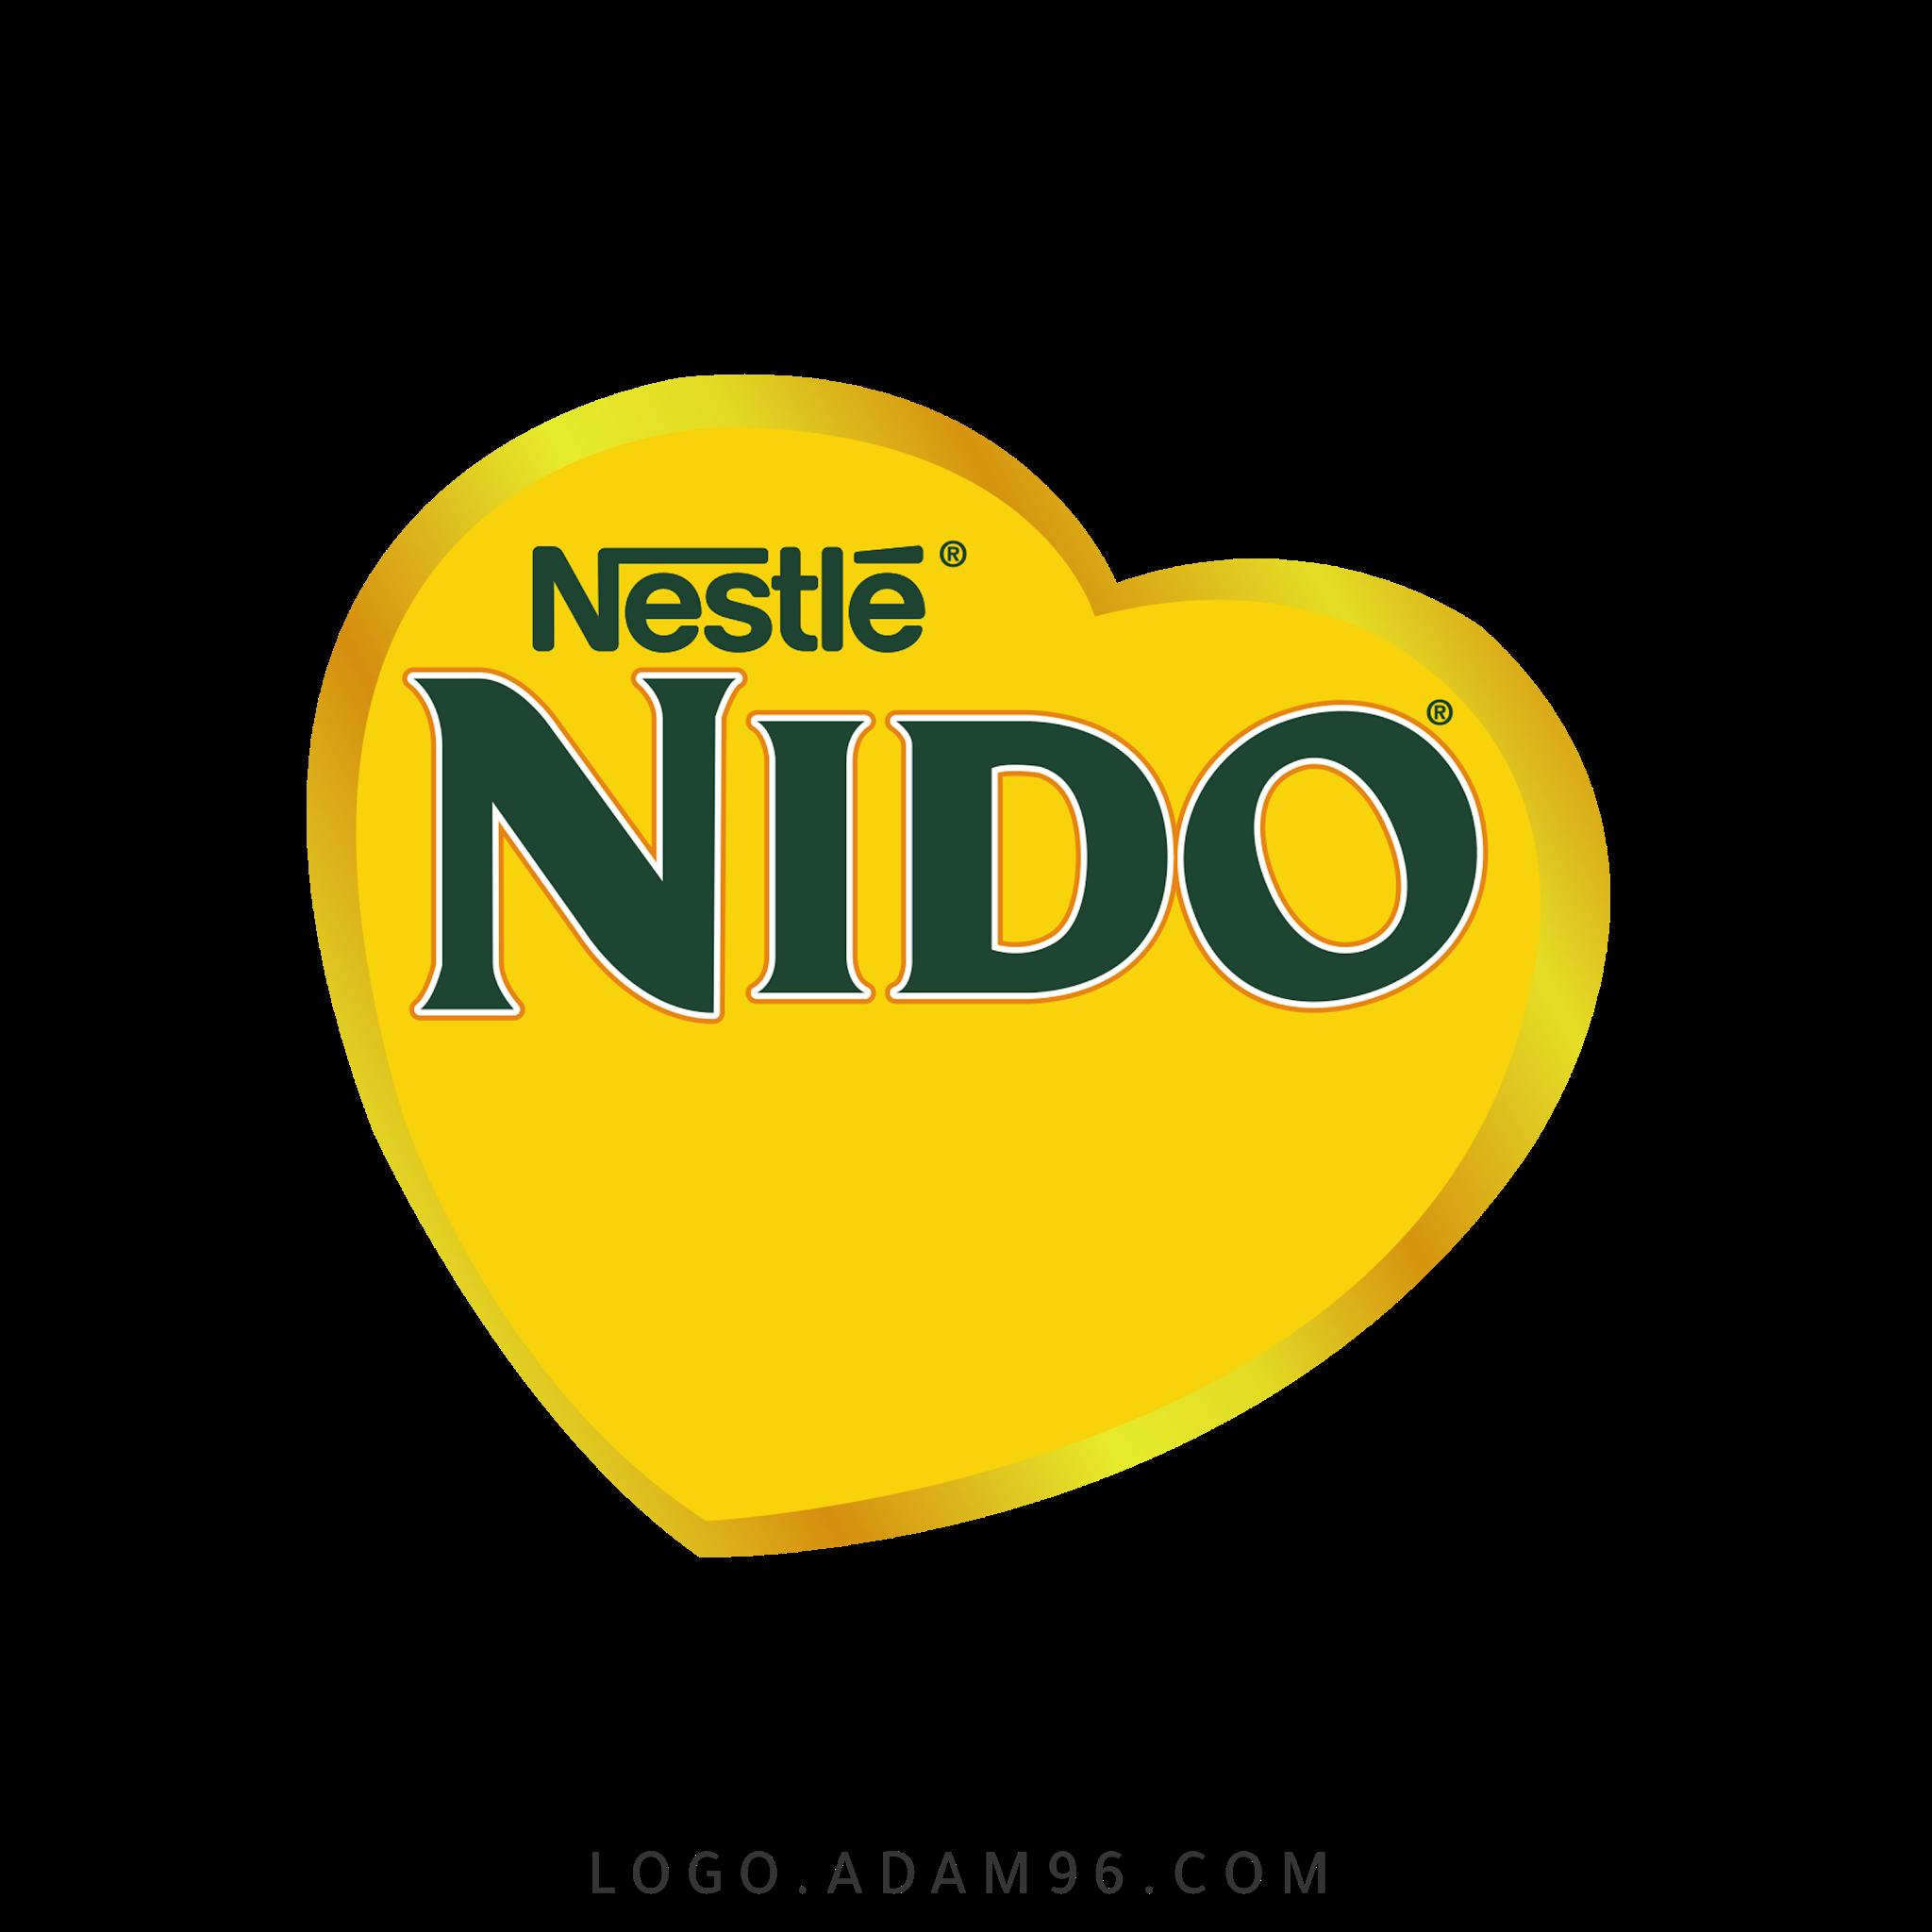 تحميل شعار شركة حليب نيدو لوجو رسمي عالي الجودة PNG